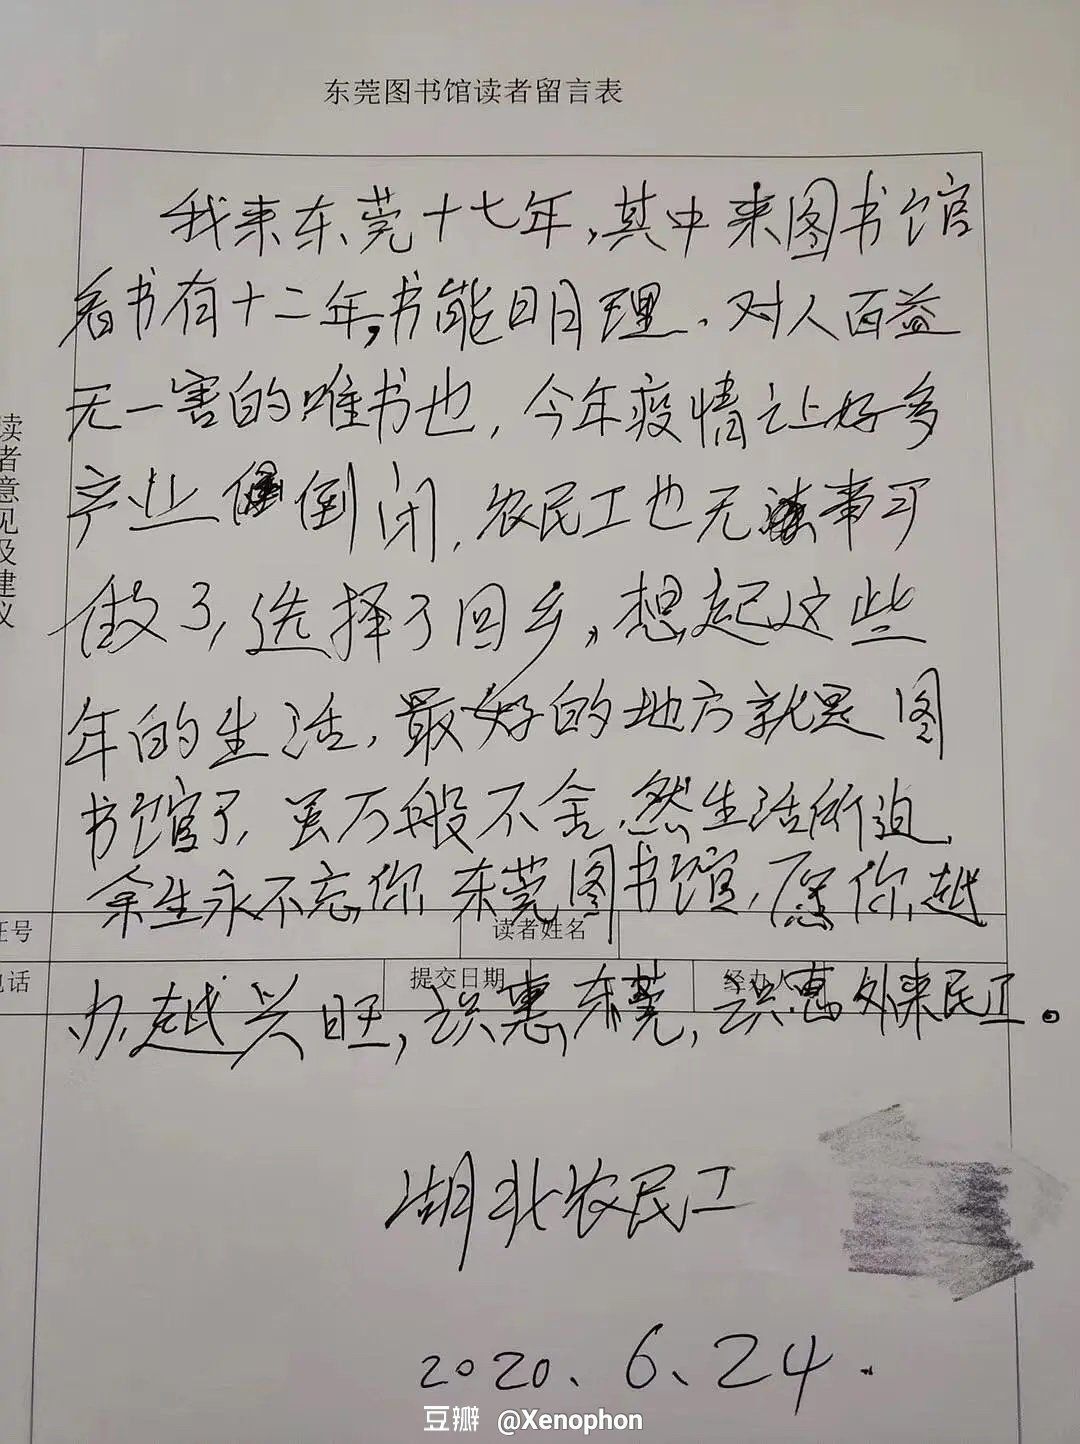 薄之北农产南境内出人员日零巍巍位 8万万例亡逾8万武汉